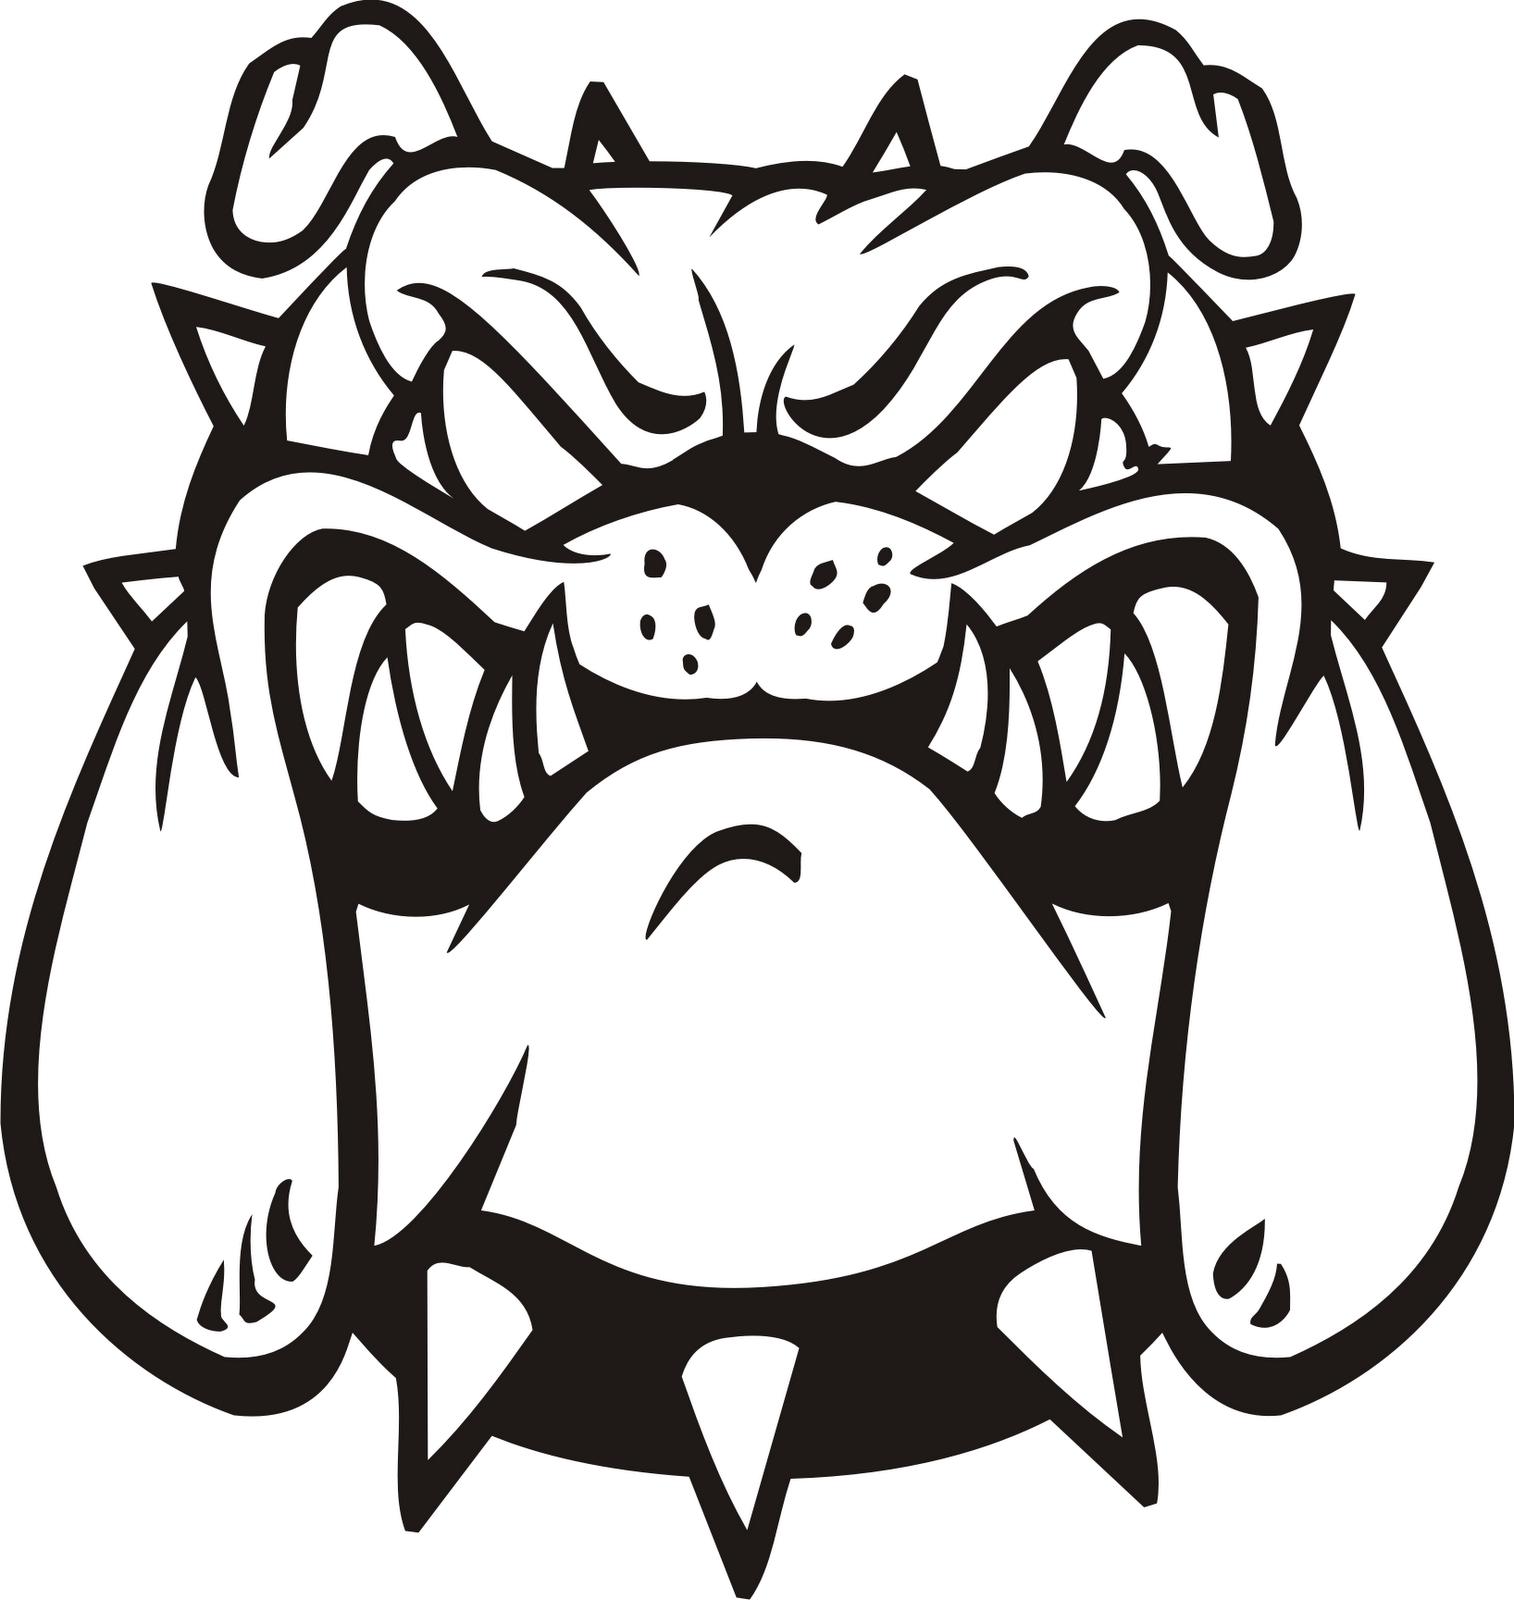 Bulldog bull dog clip art clipart image -Bulldog bull dog clip art clipart image 6-9